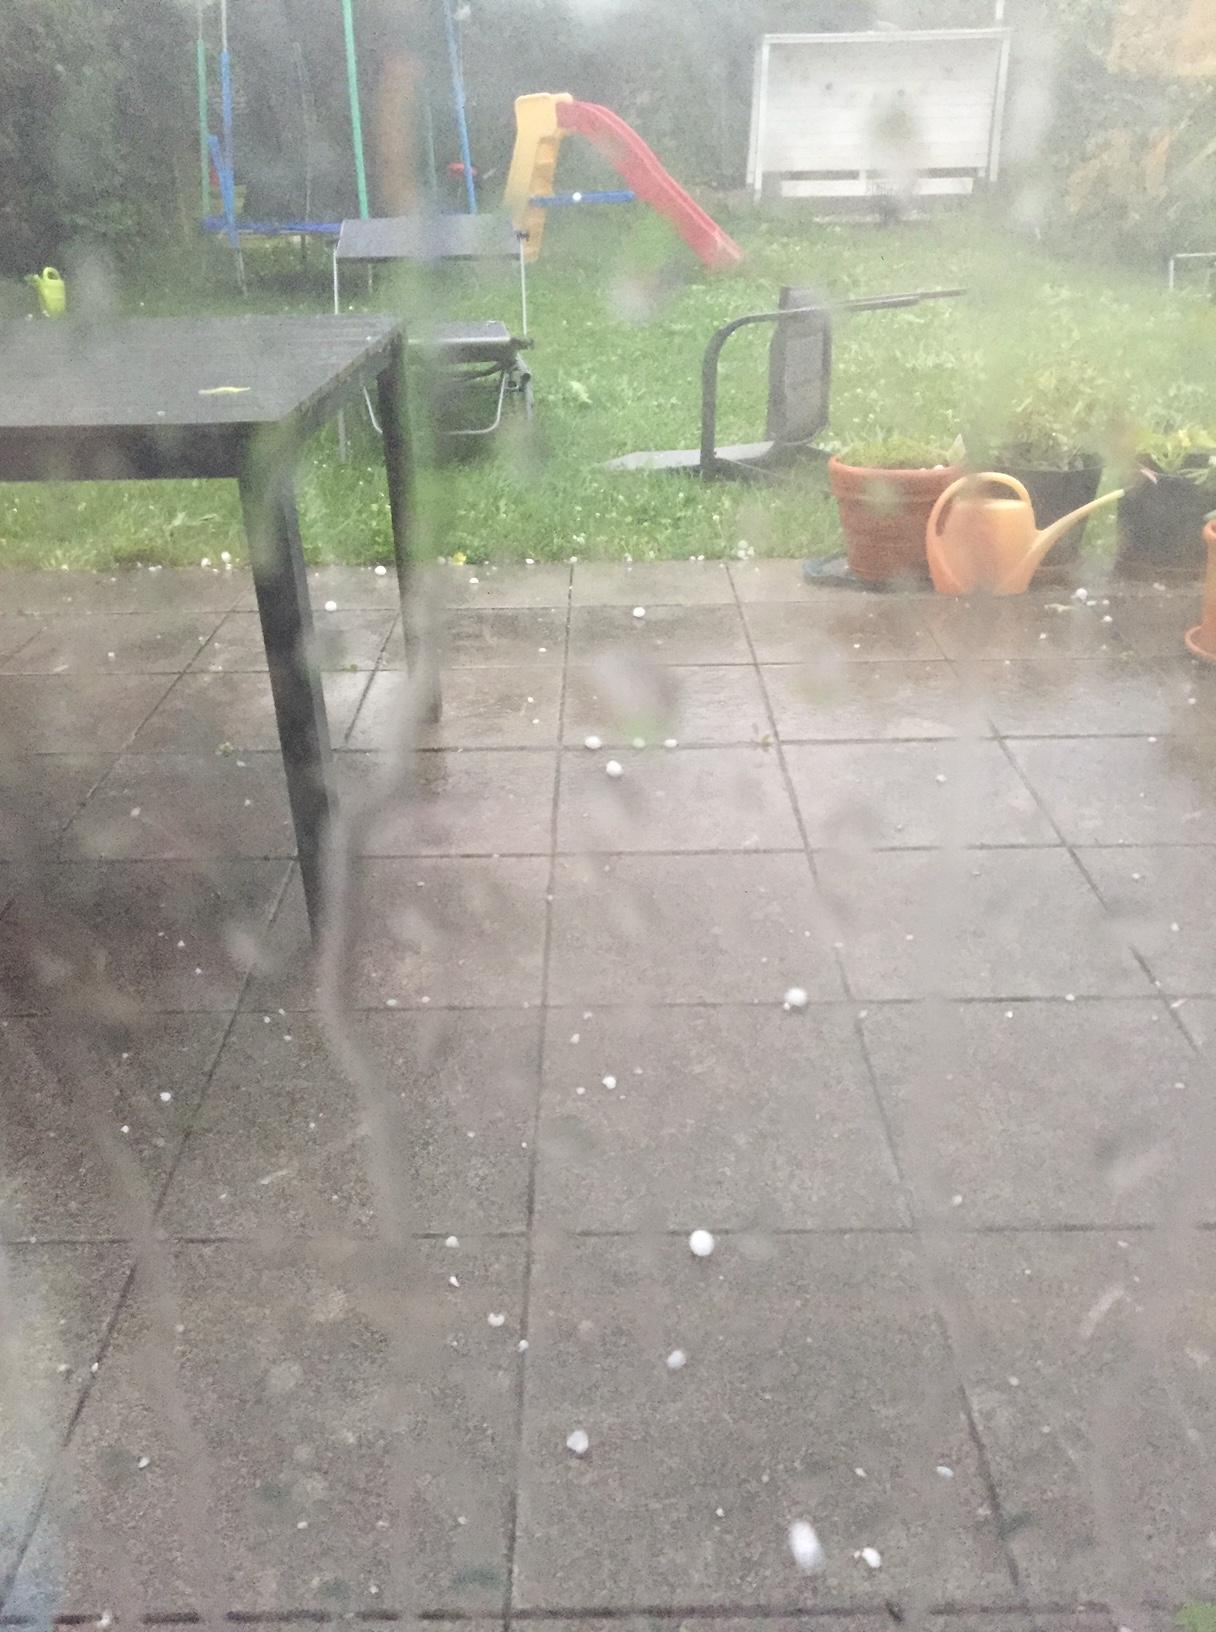 Unwetter, Hagel und Verwüstung im Garten